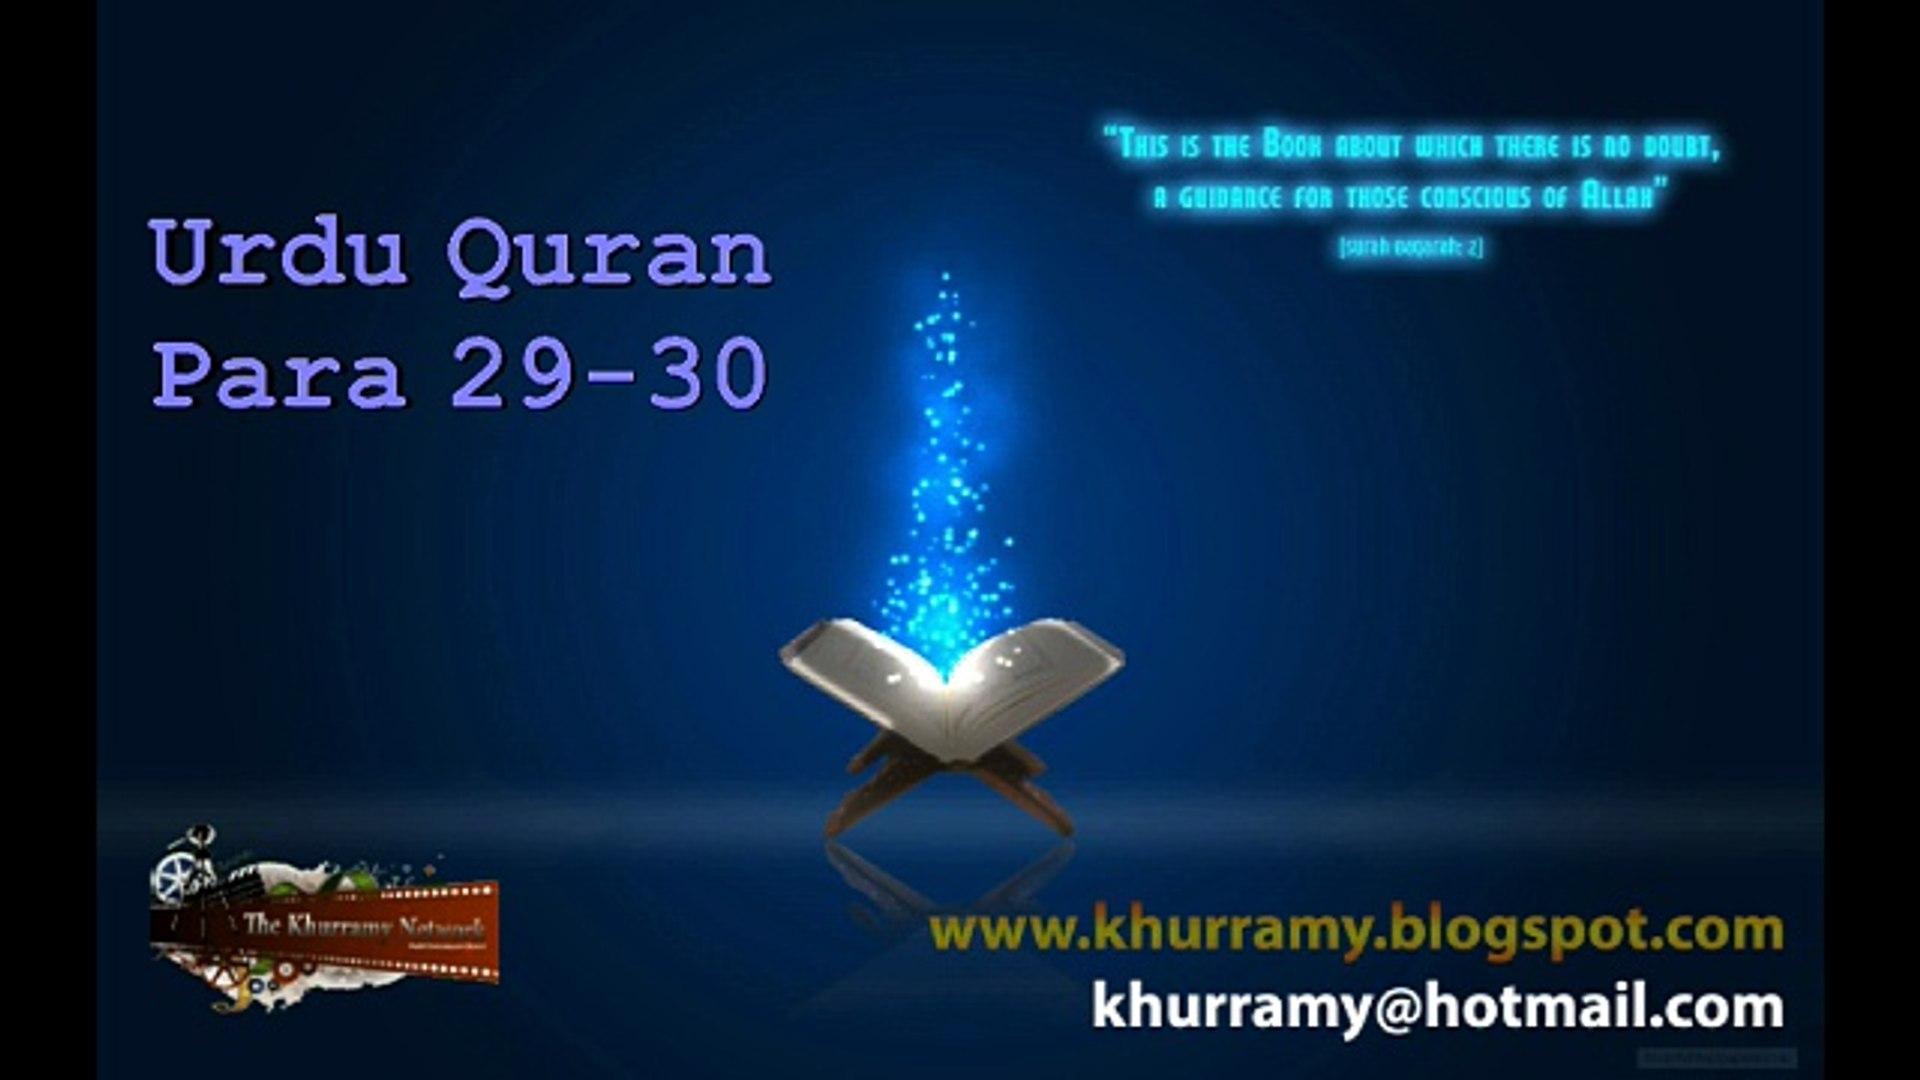 Quran in Just Urdu Para 29-30